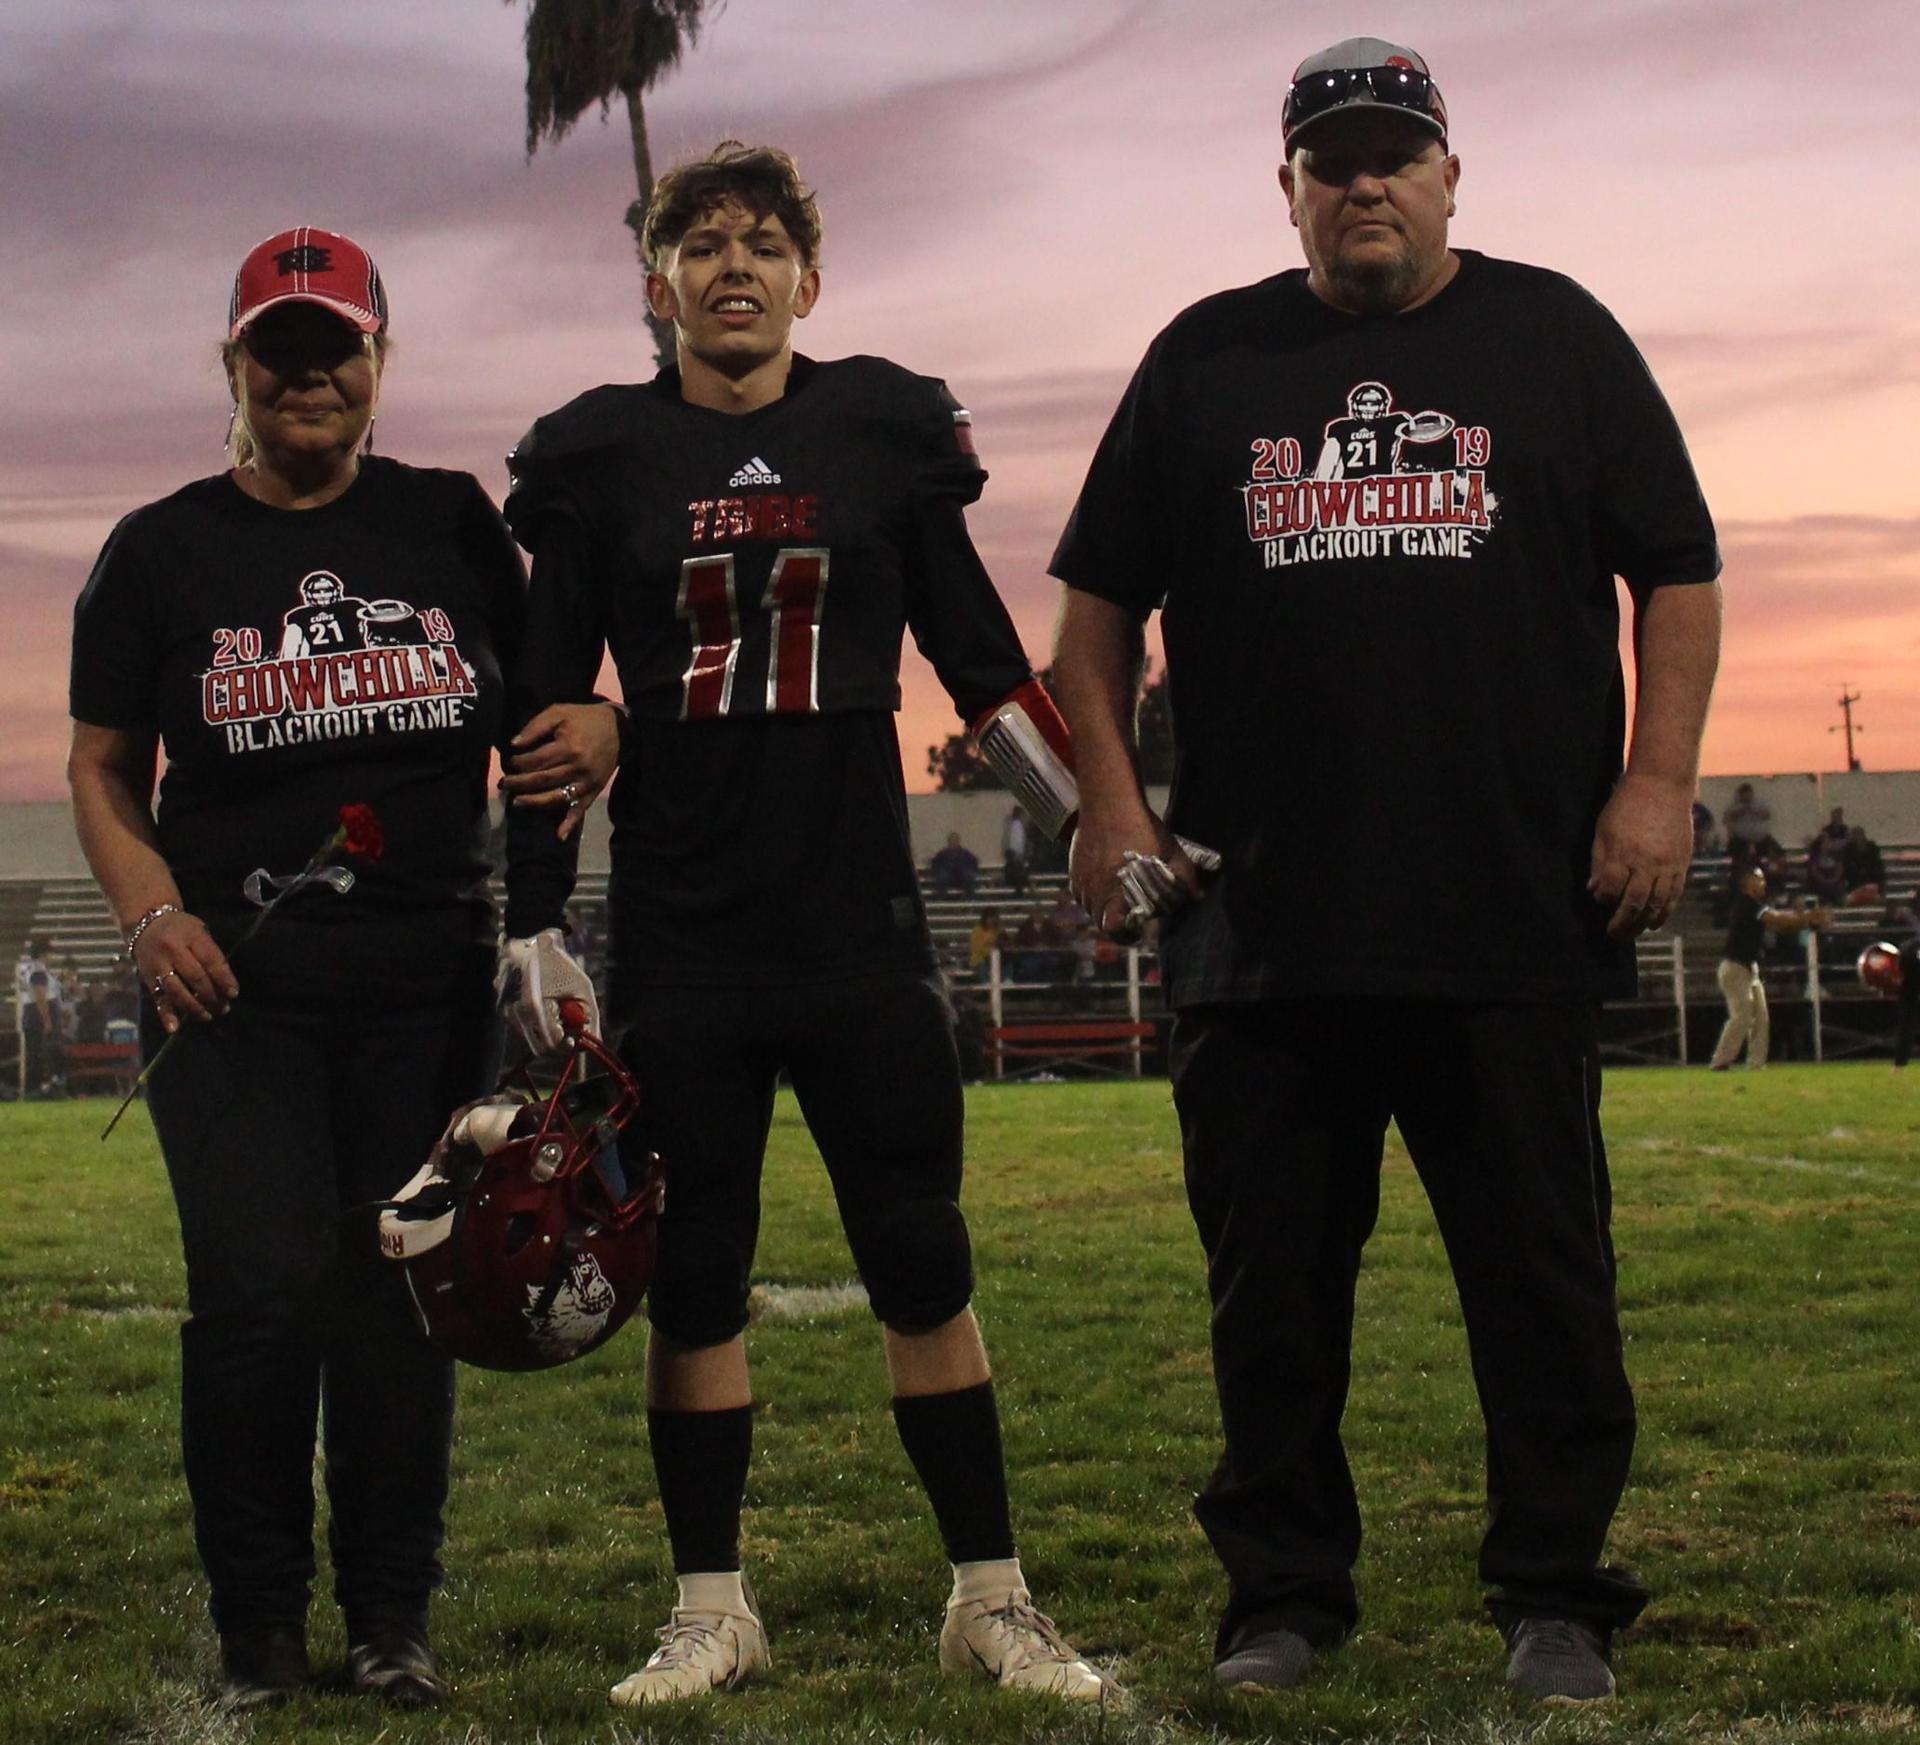 Senior football player Kyle MacDonald and his escorts.